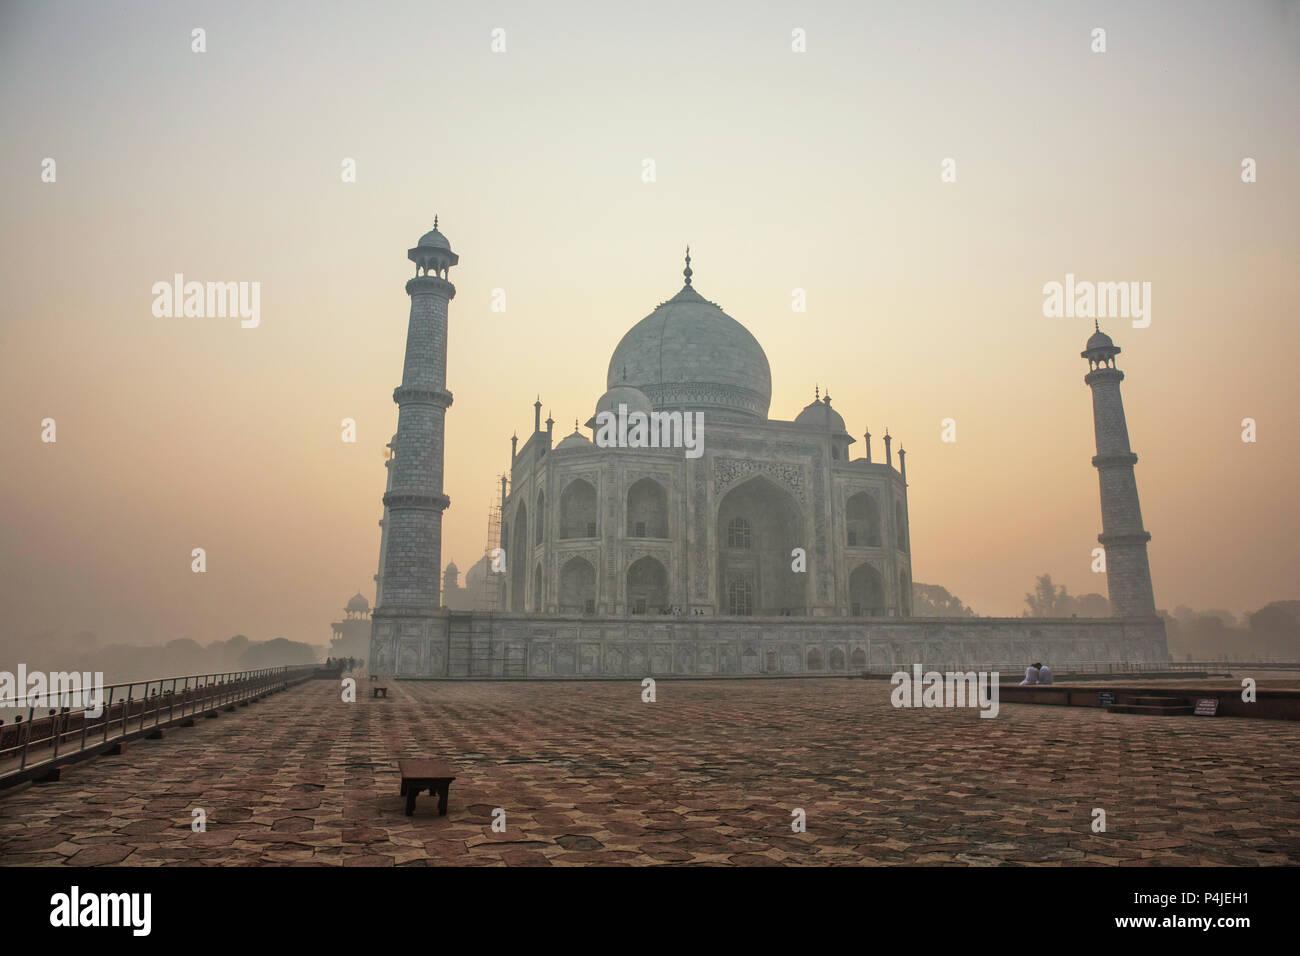 Agra, Indien. Weißer Marmor Taj Mahal Komplex mit Minaretten und Wänden durch den Dunst und Smog von Agra Fort Festung UNESCO Weltkulturerbe Stockbild